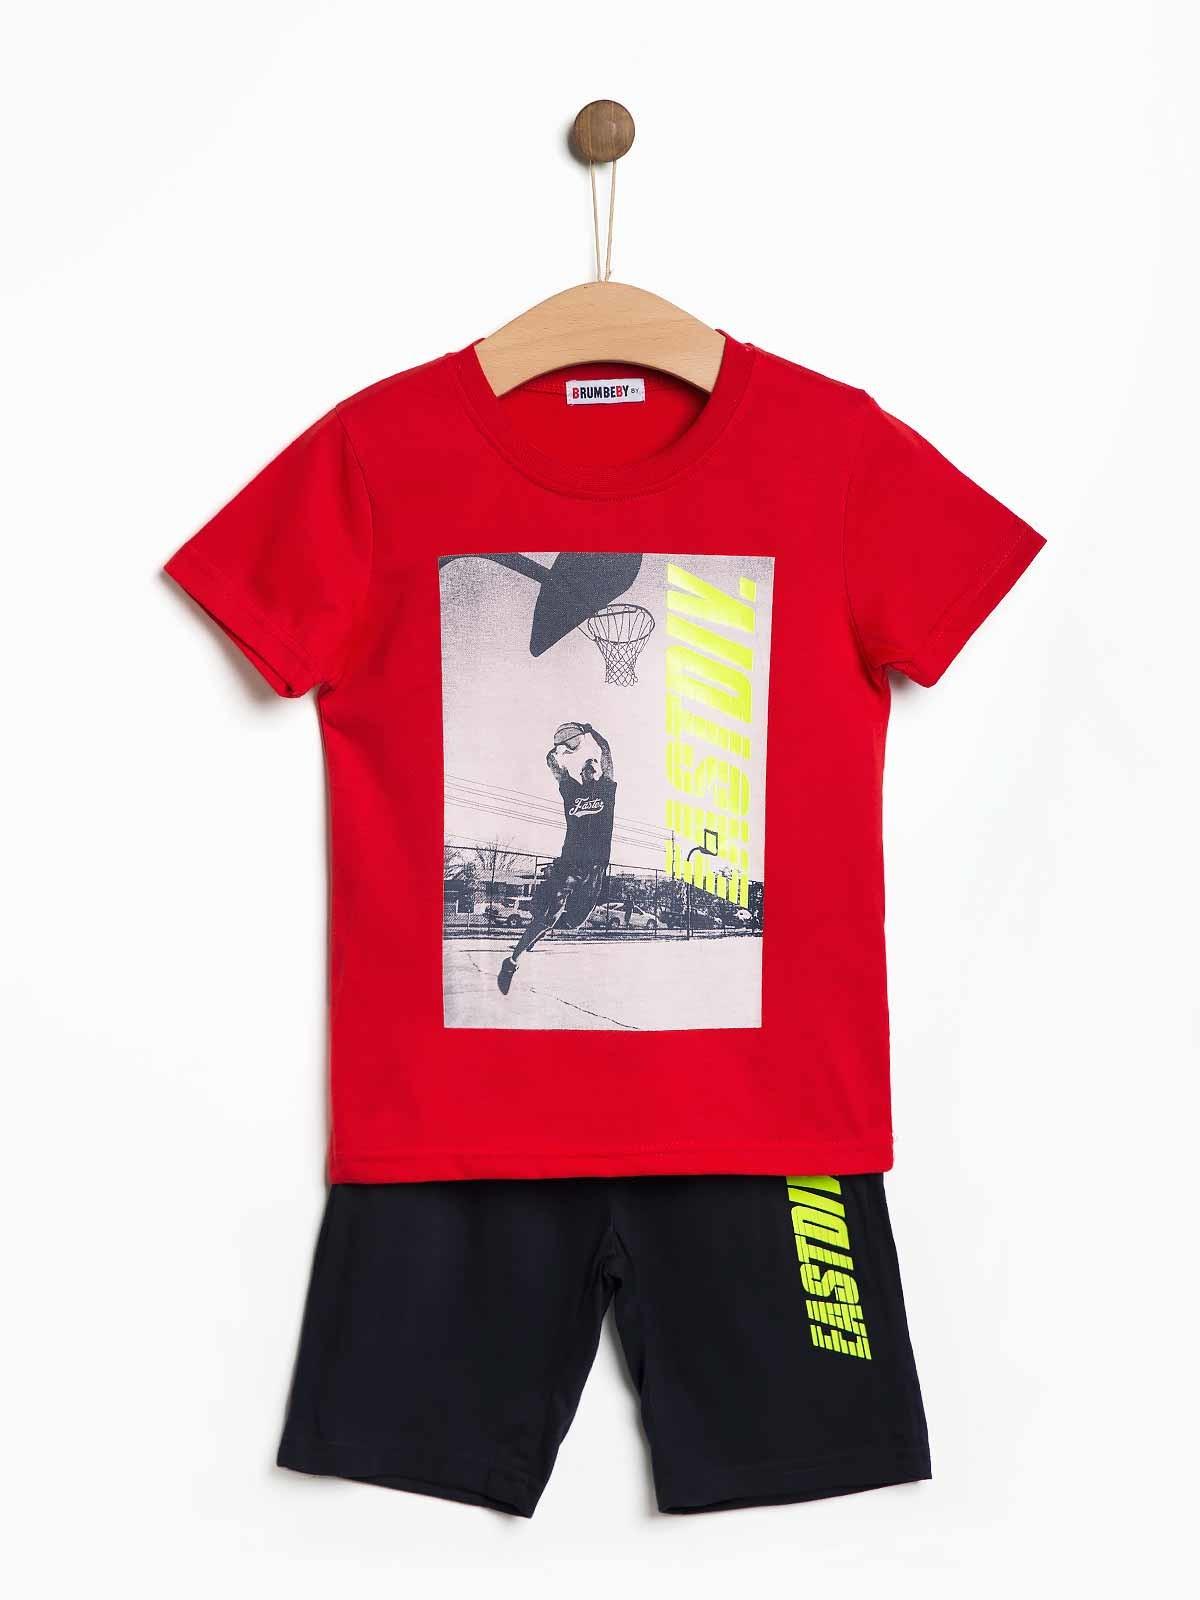 Conjunto calção t-shirt EastDiv